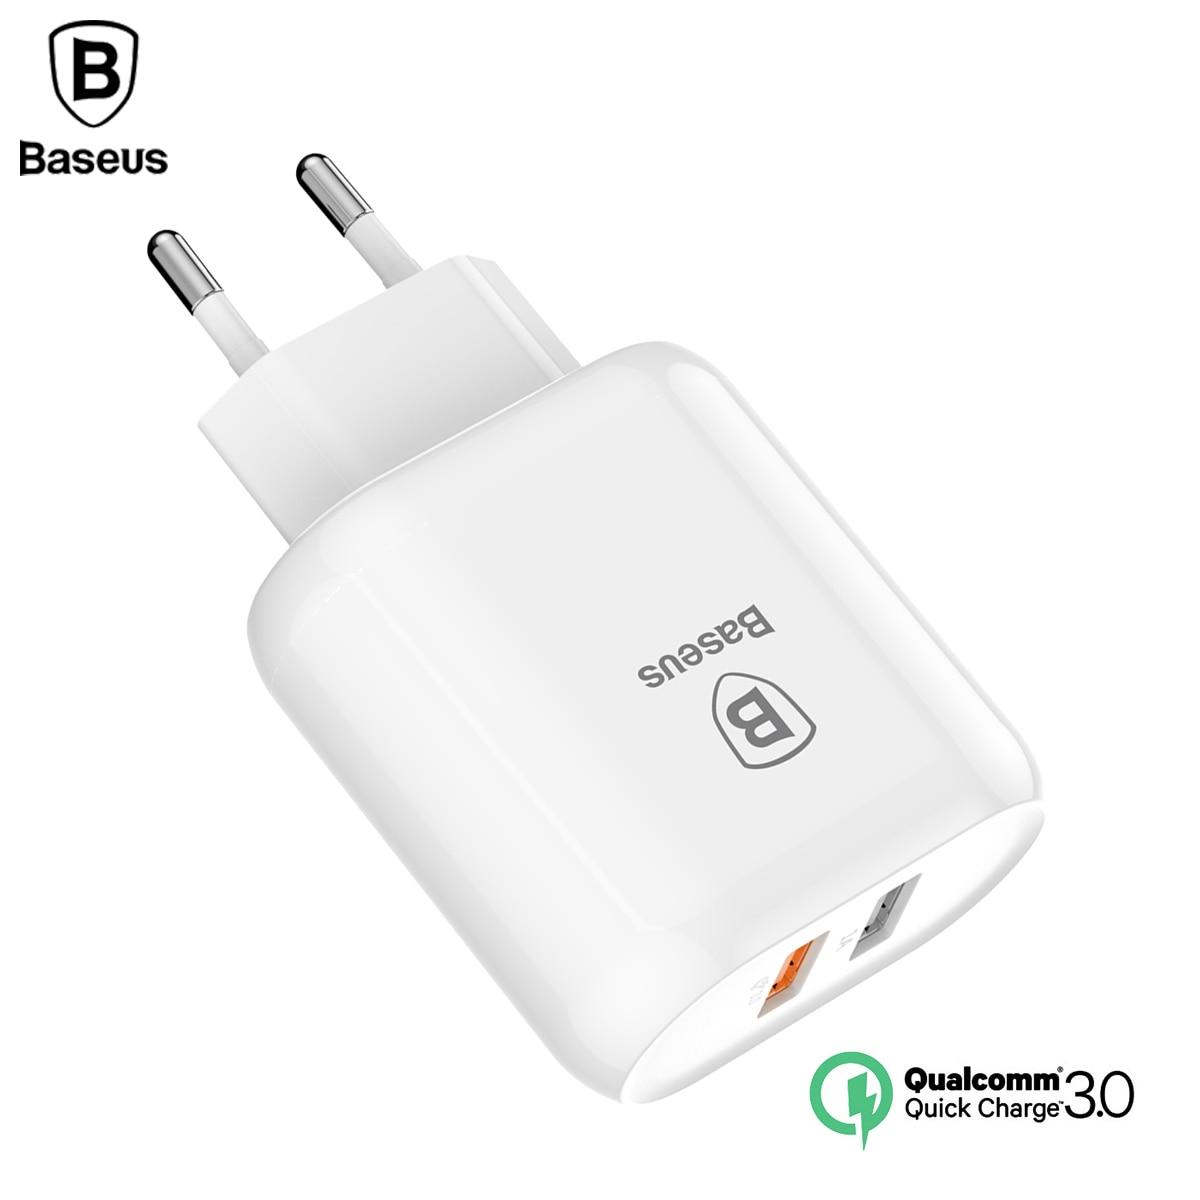 Baseus QC 3.0 Carregador Dual USB Adaptador de Tomada de Viagem DA UE Carga Rápida Carregador de parede Para o iphone Samsung Telefone Celular Xiaomi carregador